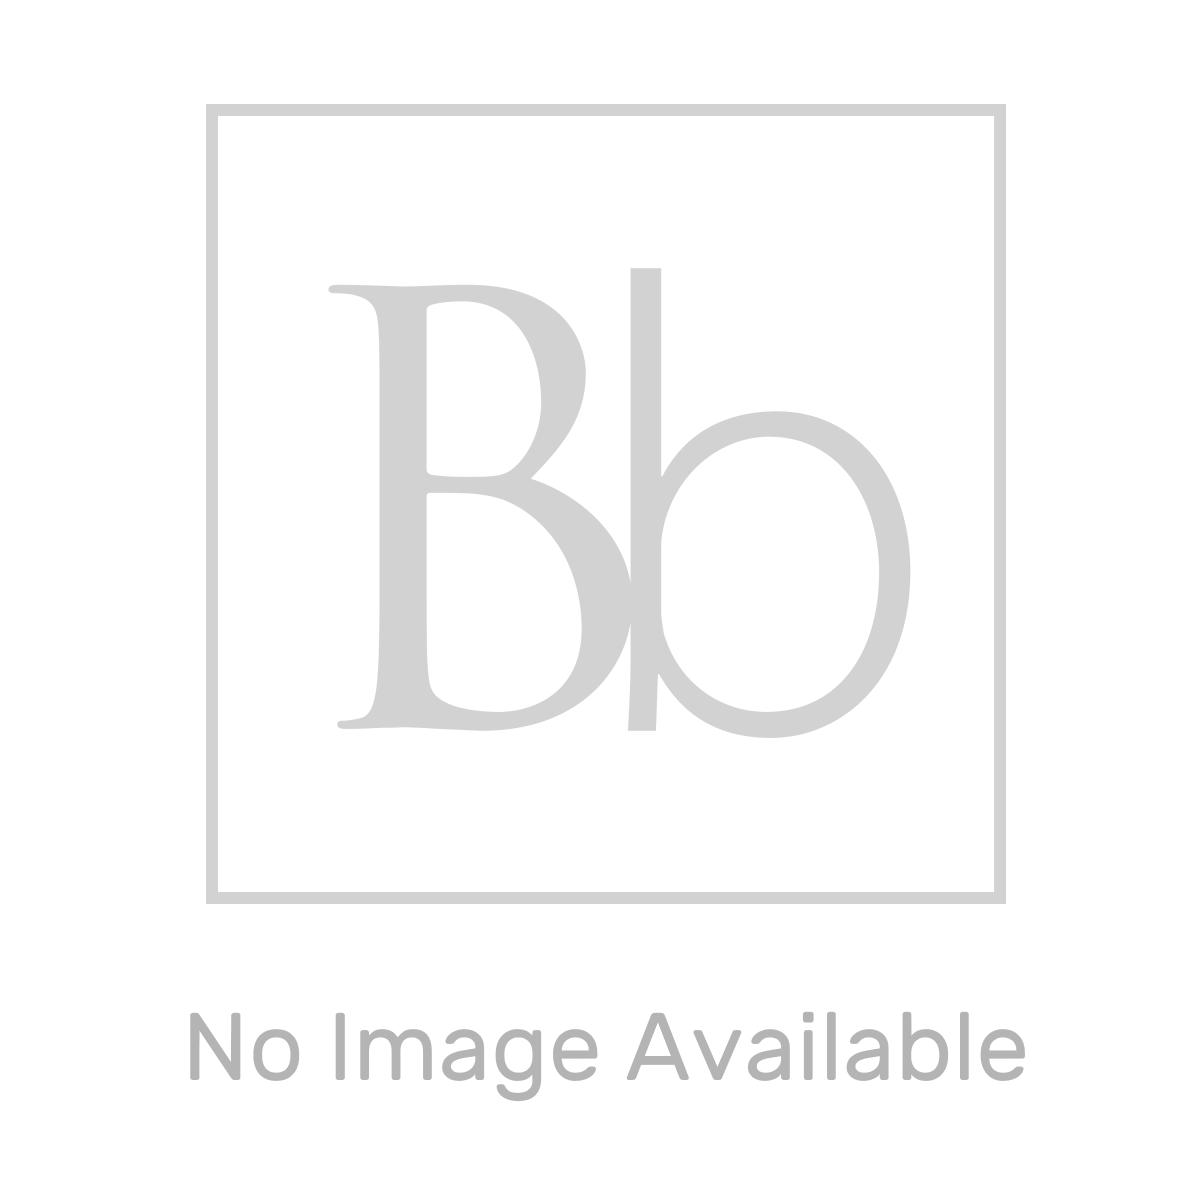 Mito Indigo Wall Hung Tall Unit 350mm Line Drawing